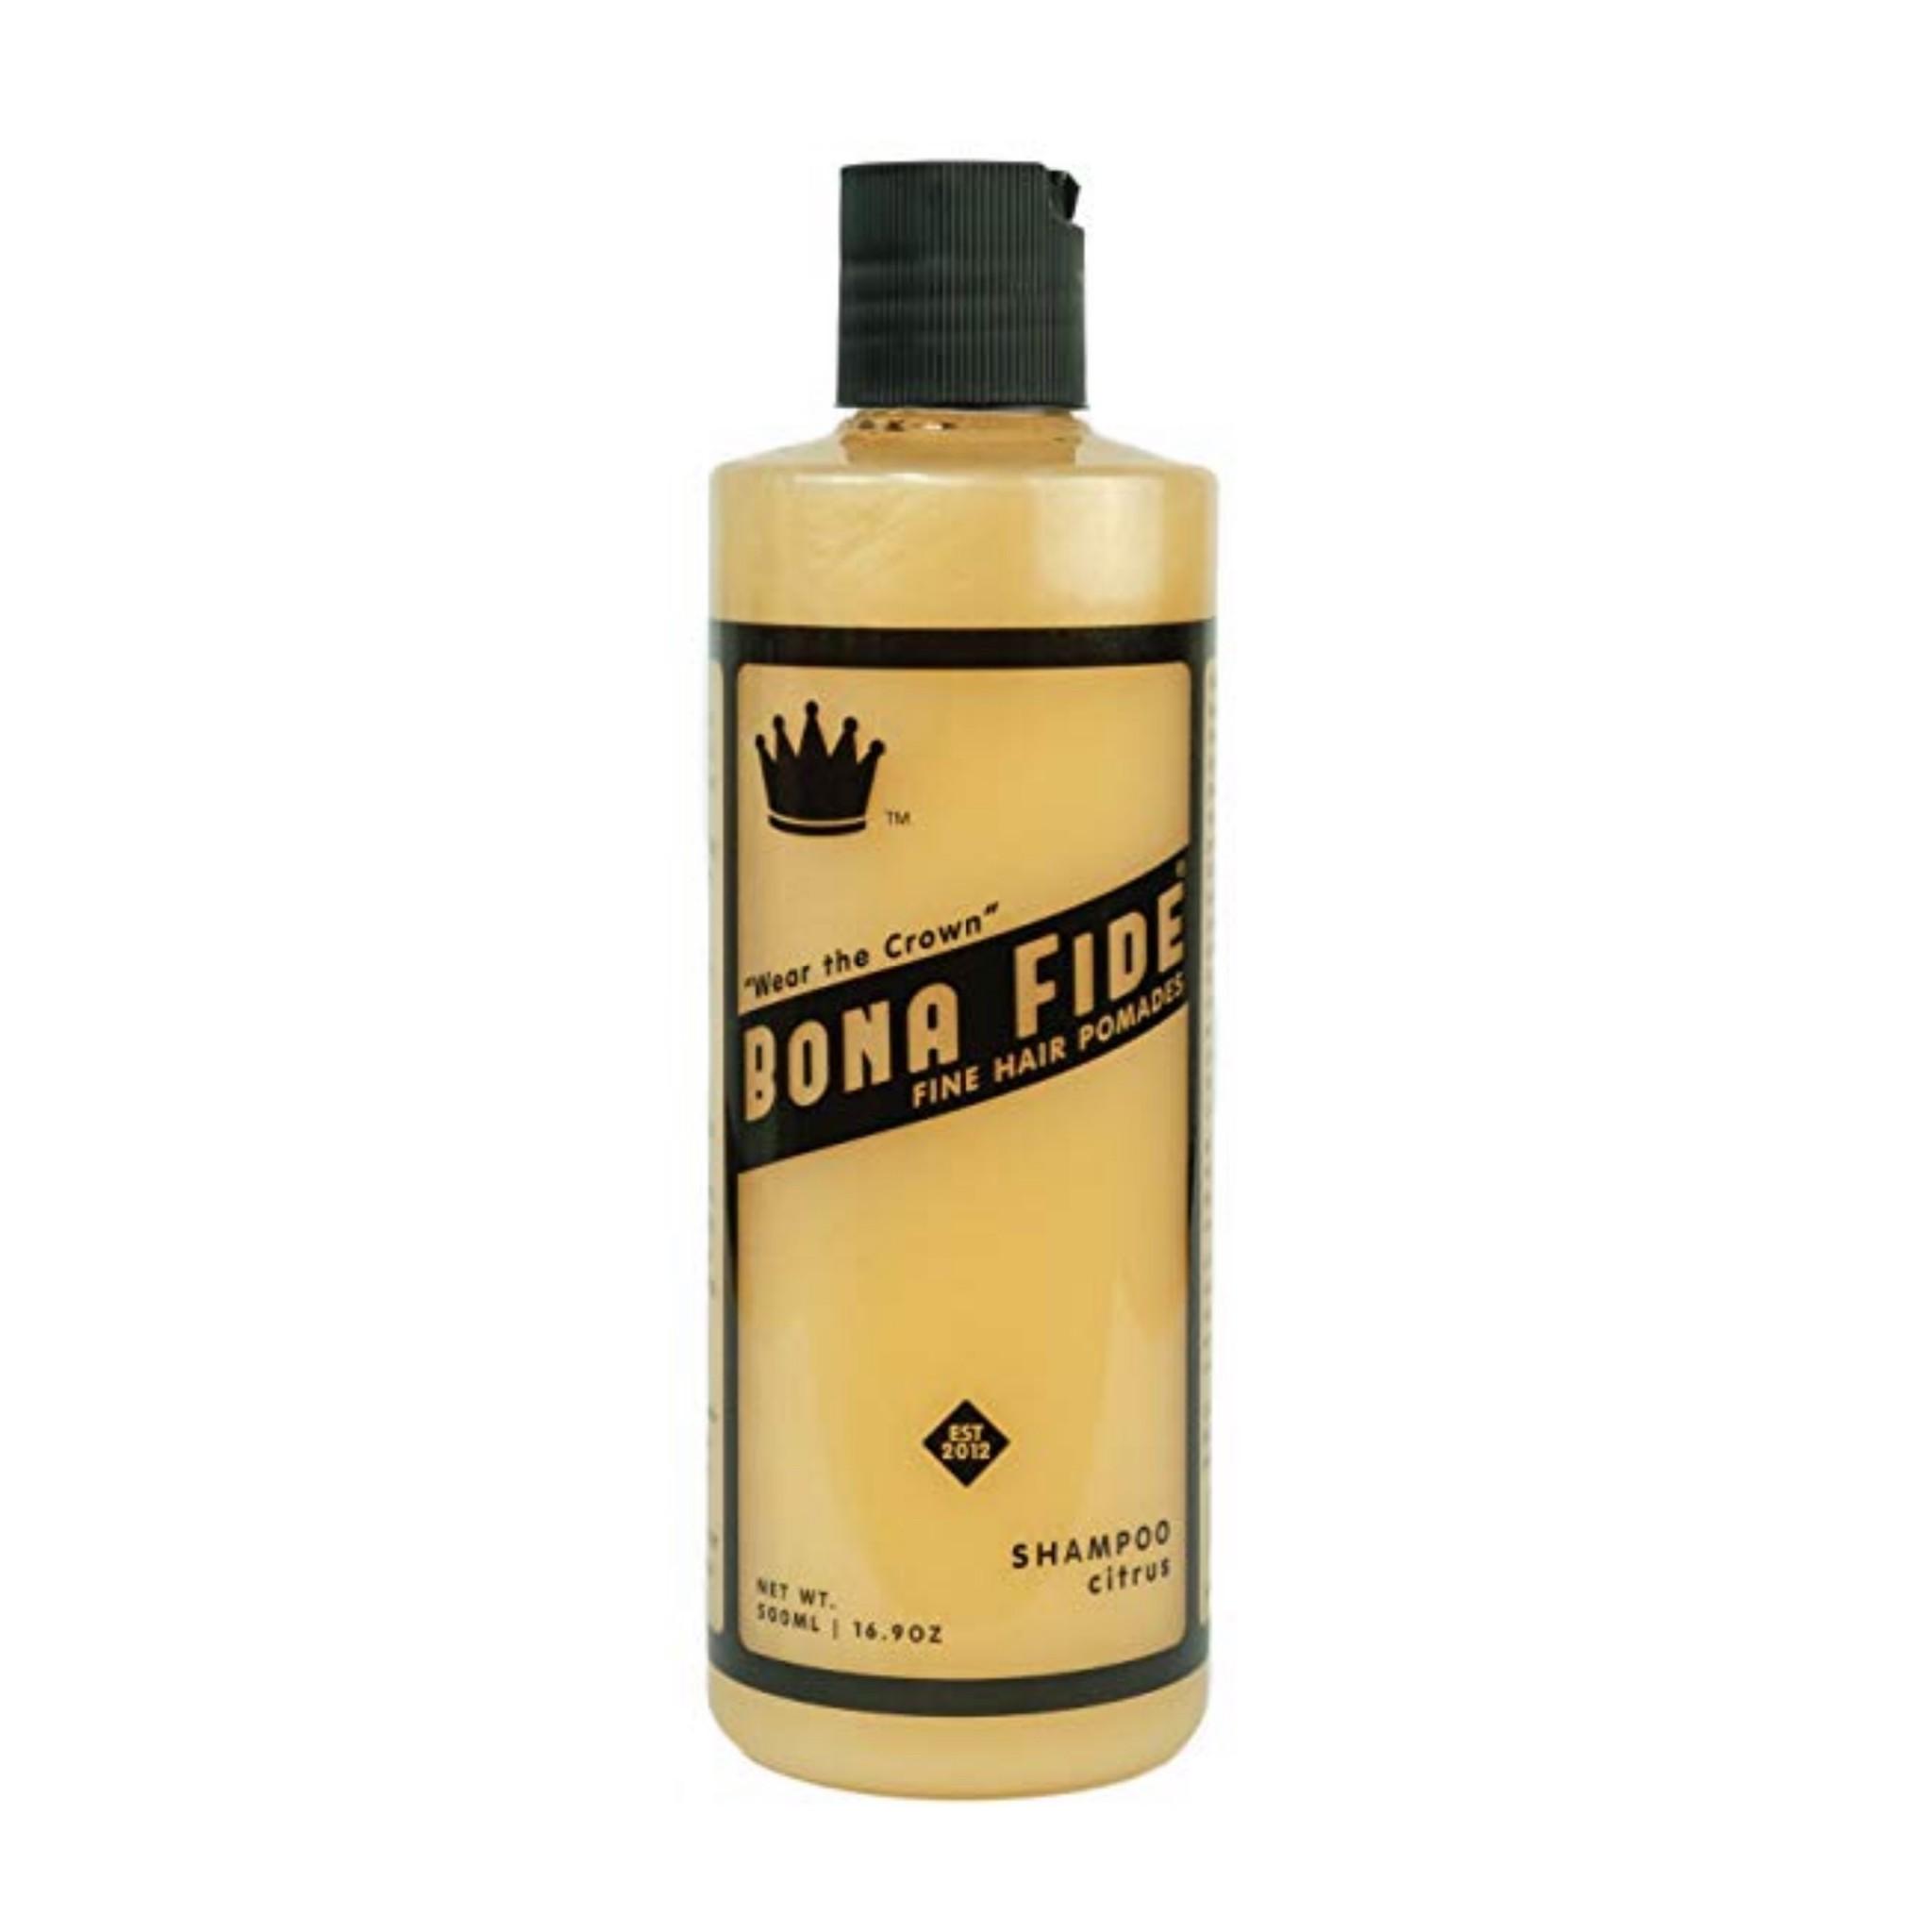 Dầu gội dưỡng tóc Bona Fide Shampoo